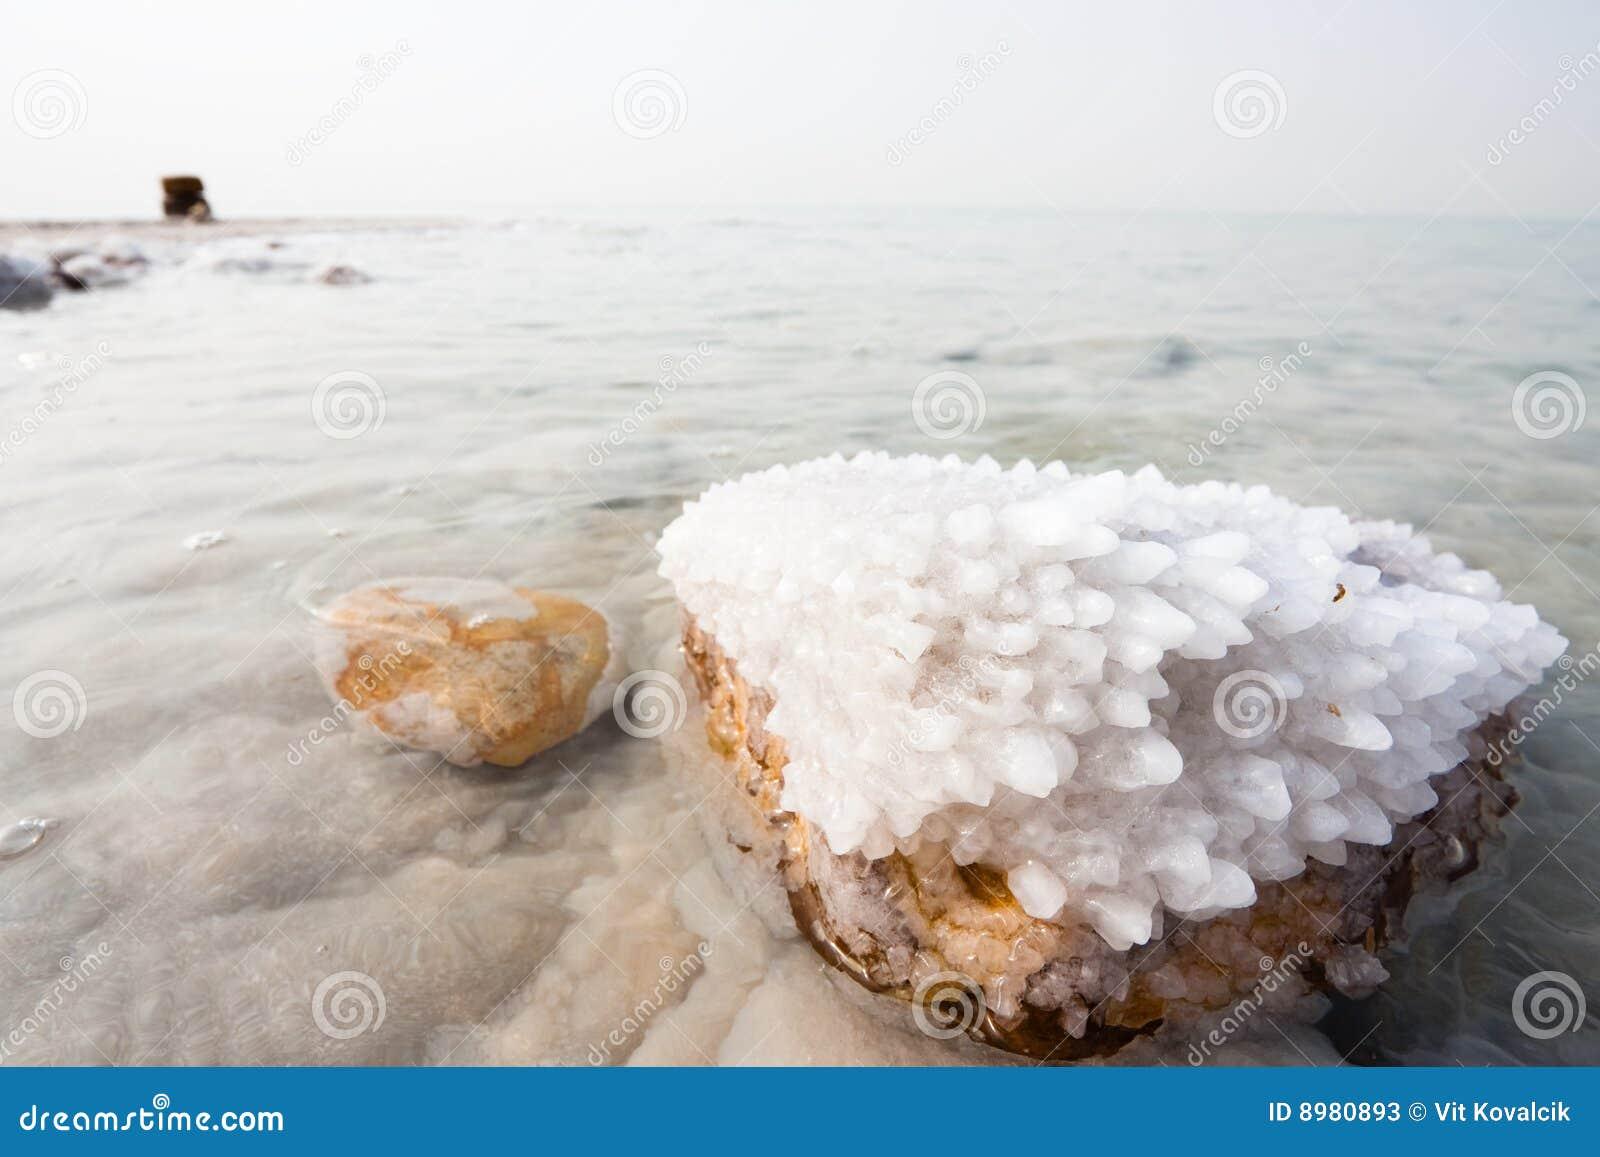 Sal no mar inoperante